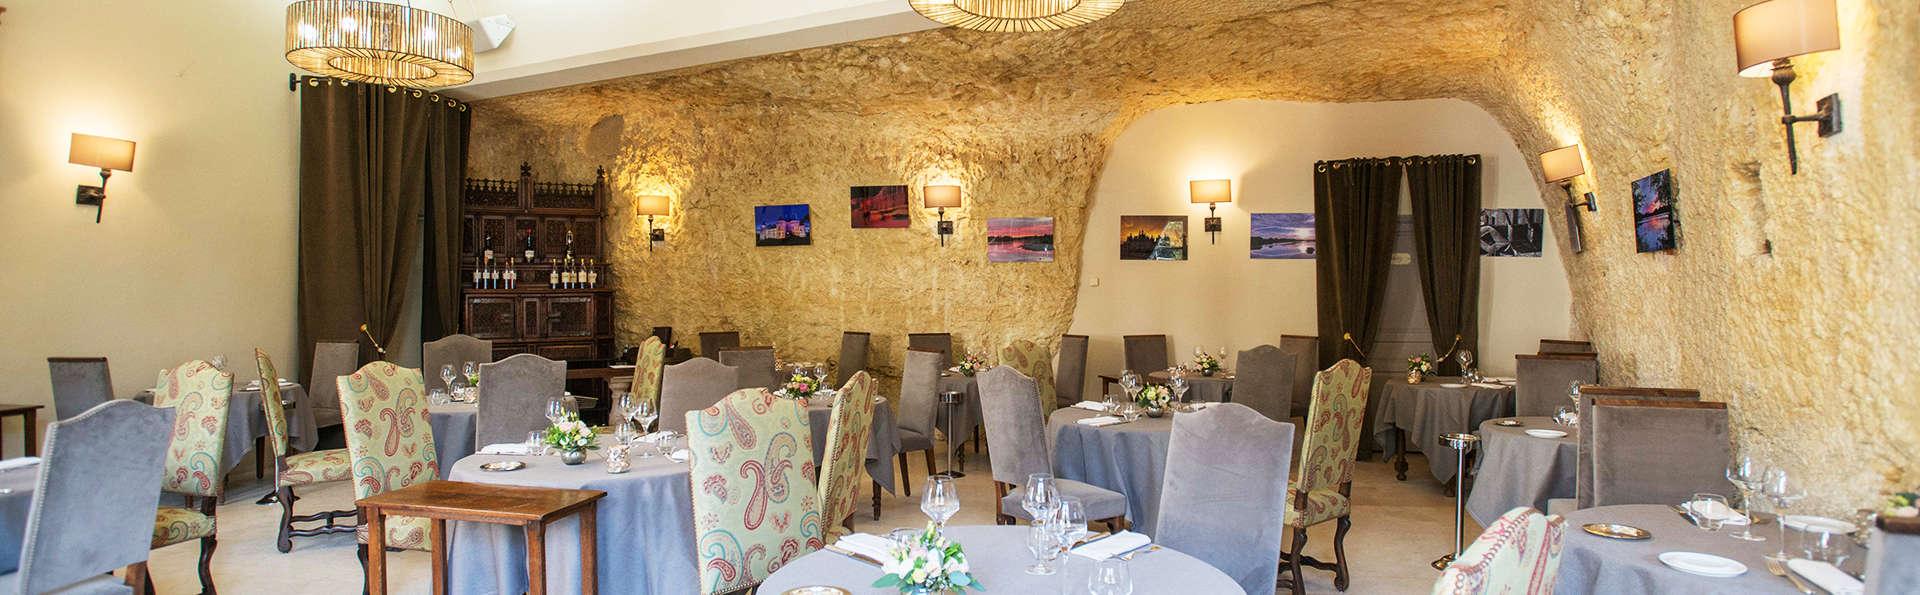 Luxe et finesse culinaire dans un château près d'Amboise